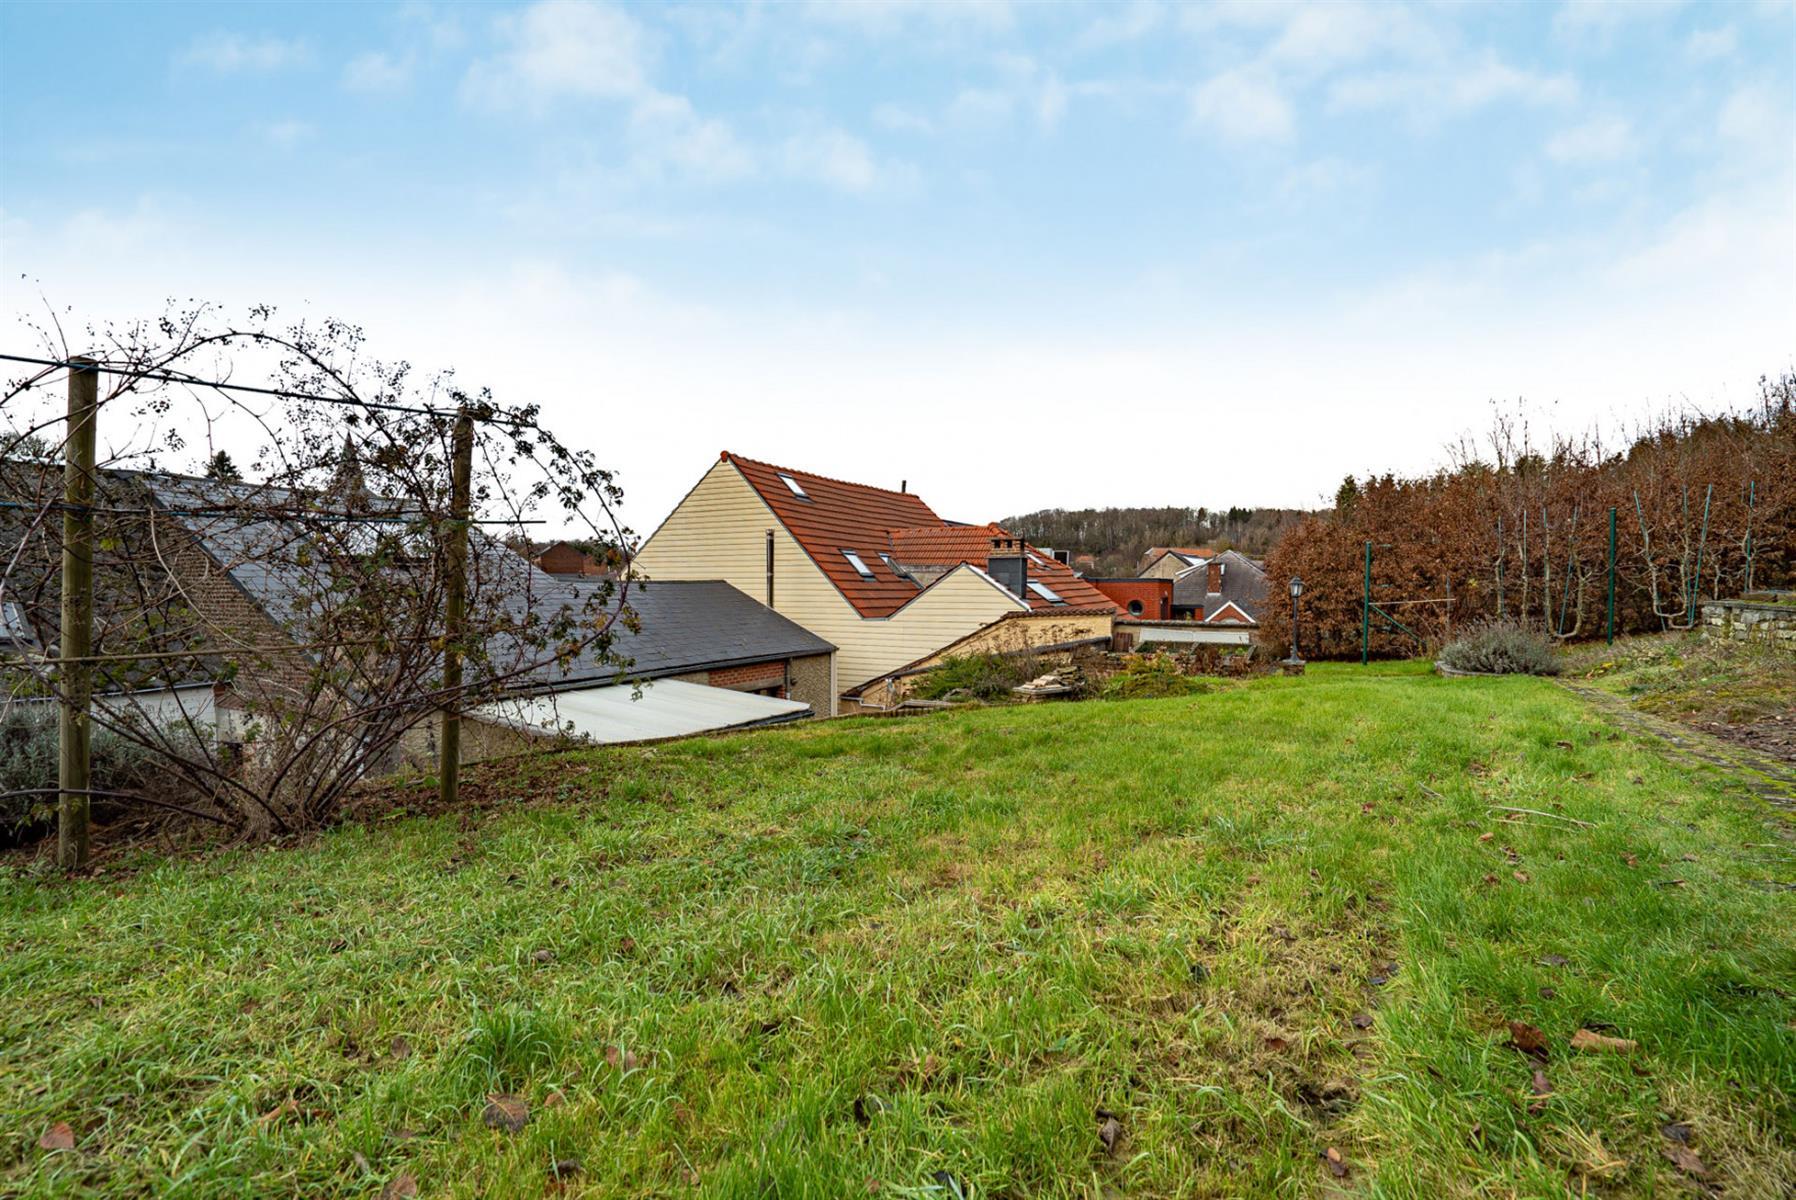 Maison - Villers-la-Ville - #3930710-1